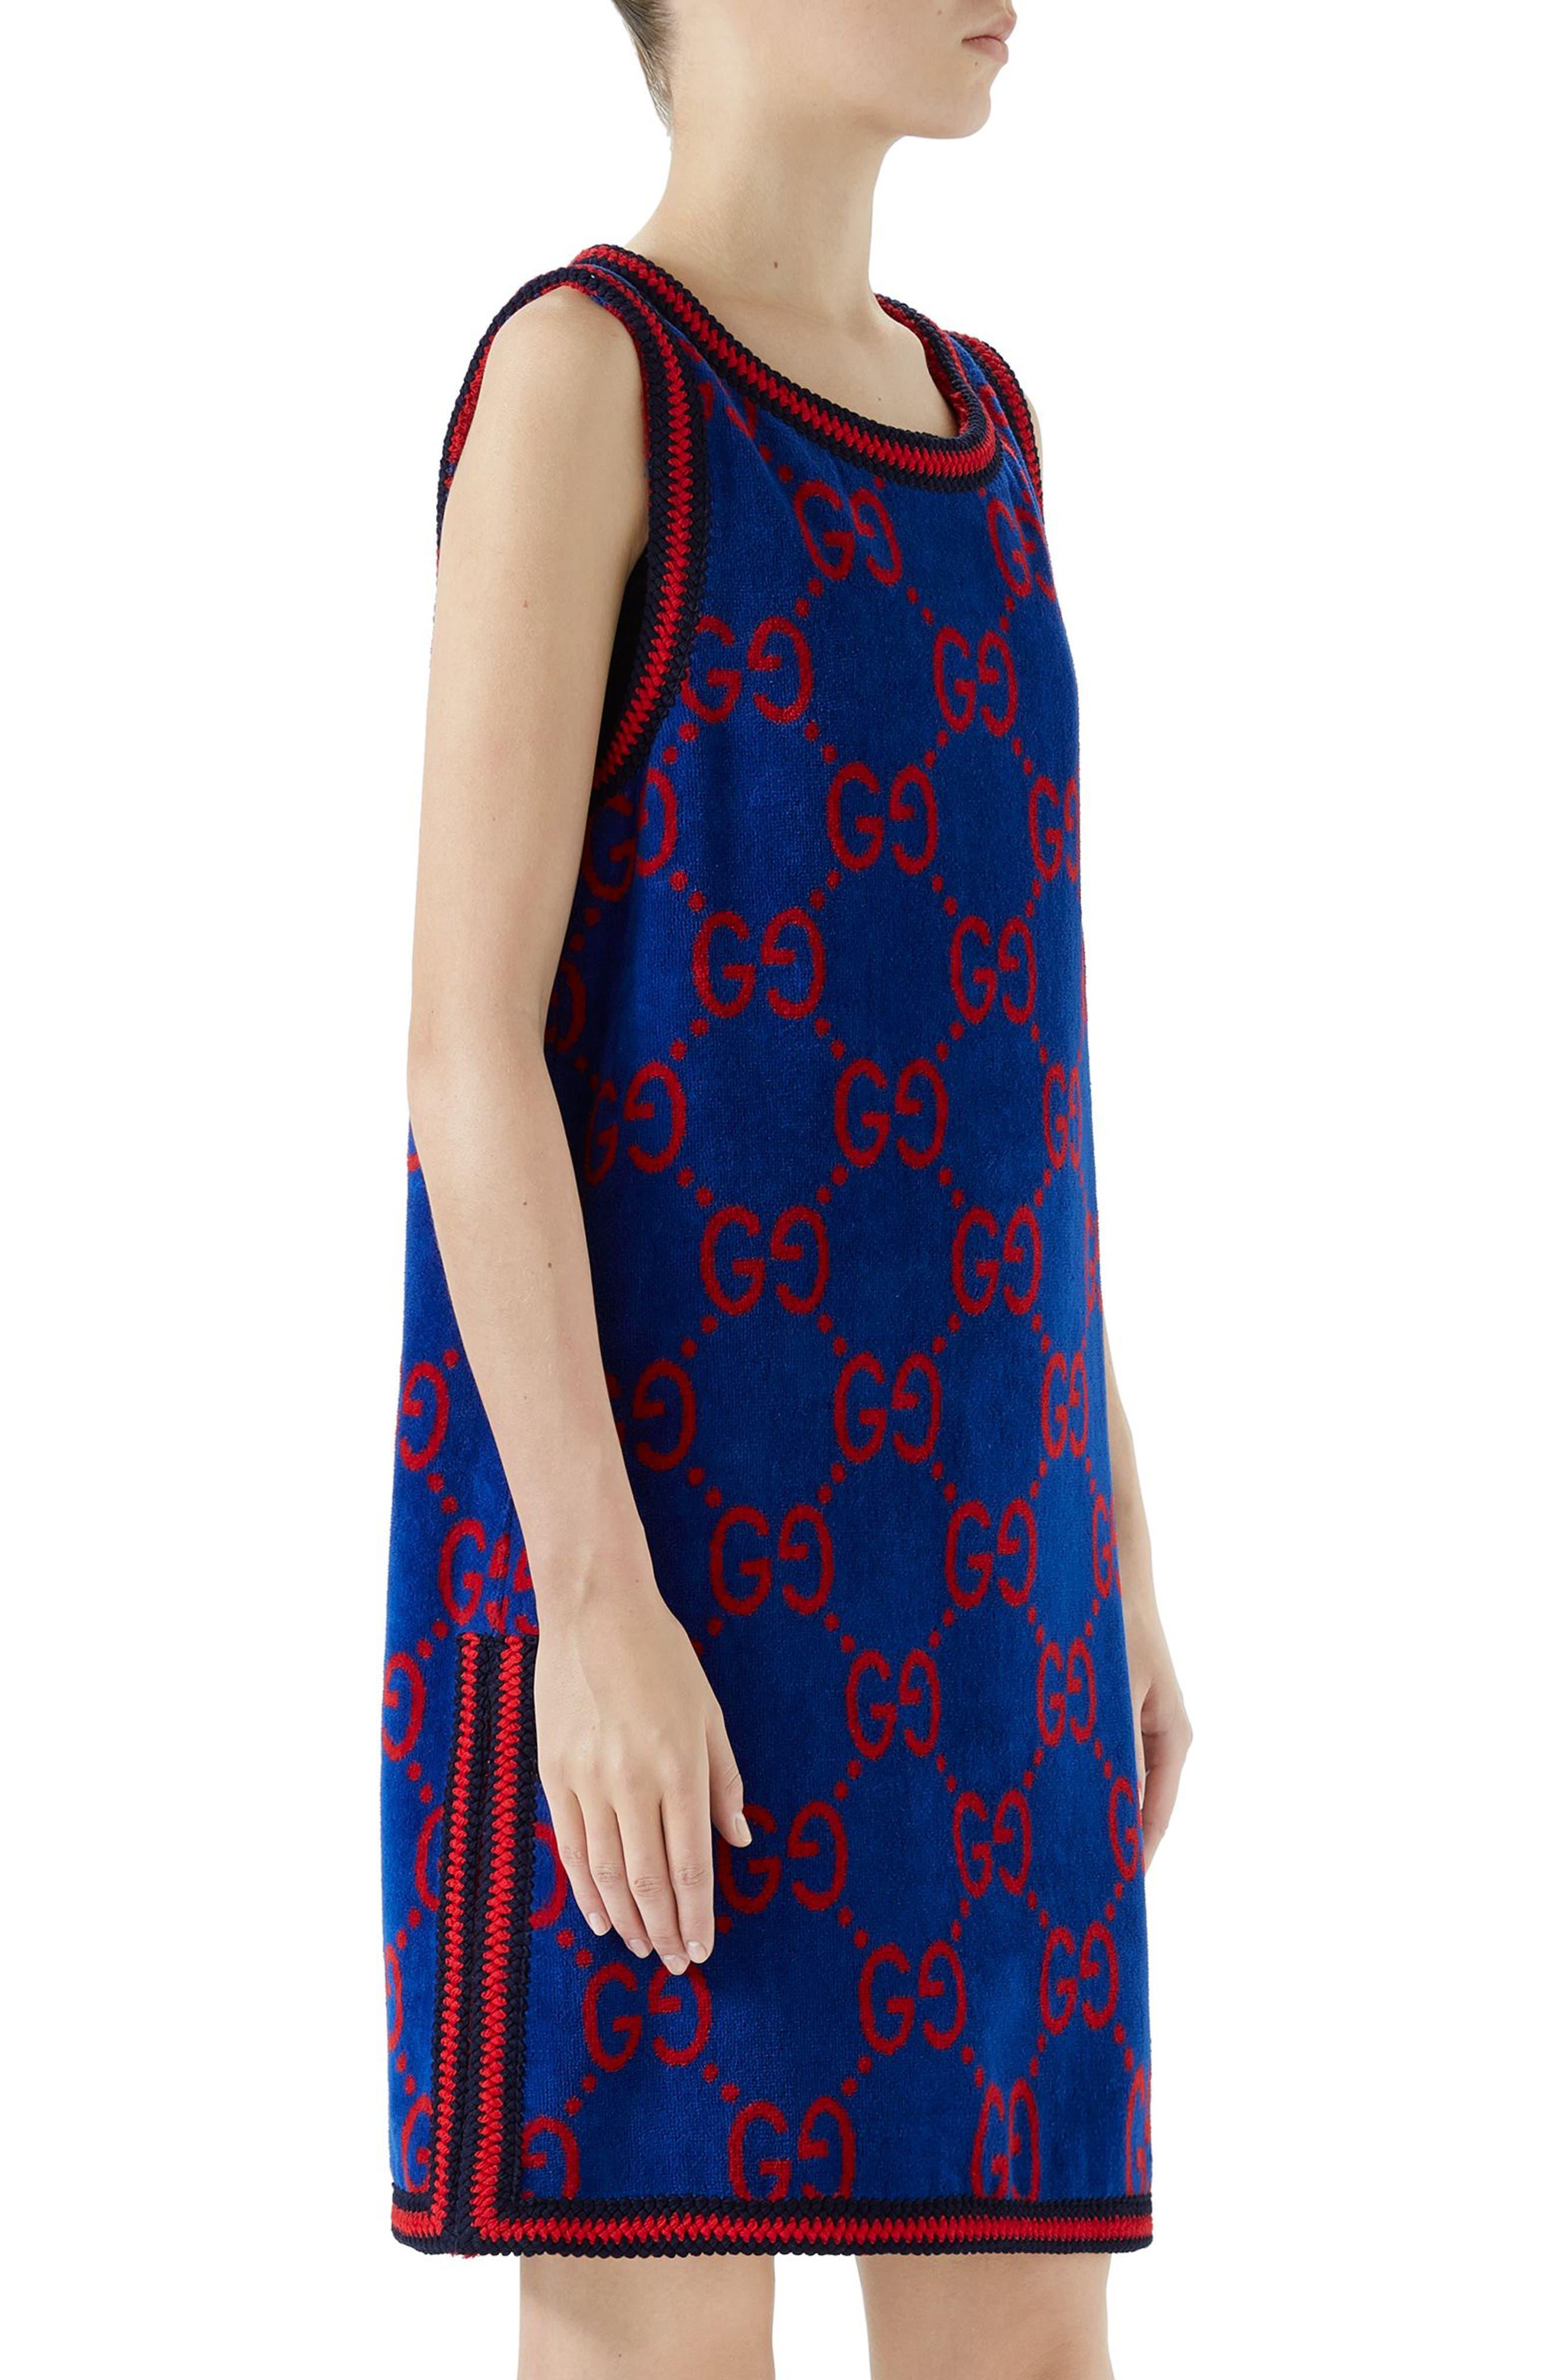 GG Cotton Jacquard Shift Dress,                             Alternate thumbnail 3, color,                             Multi